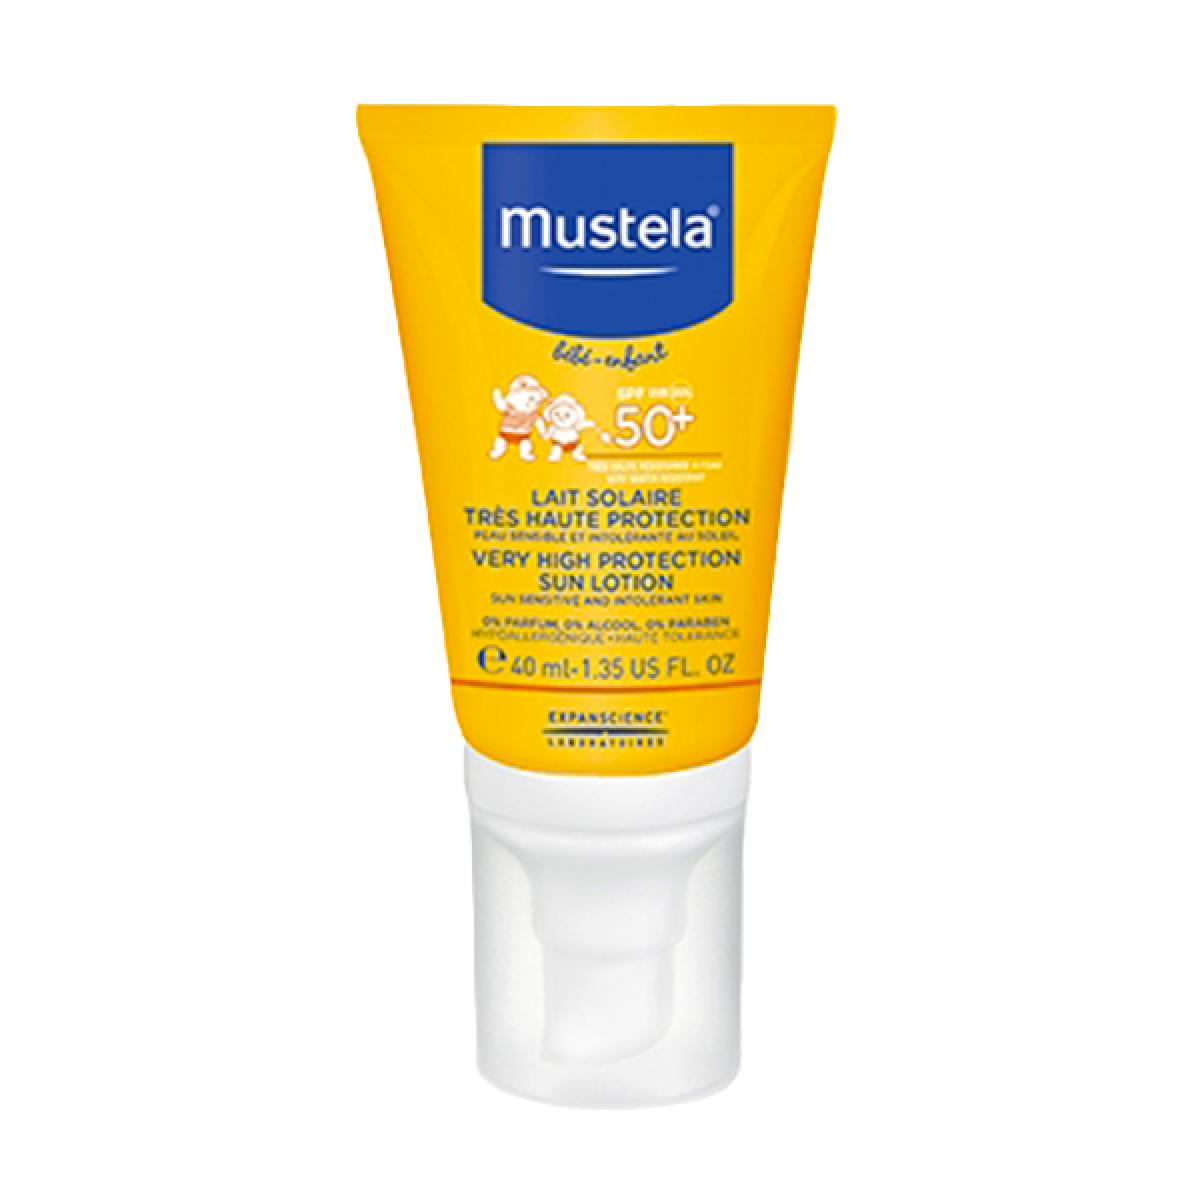 mustela Lait solaire très haute protection spécial visage - SPF50 40ml